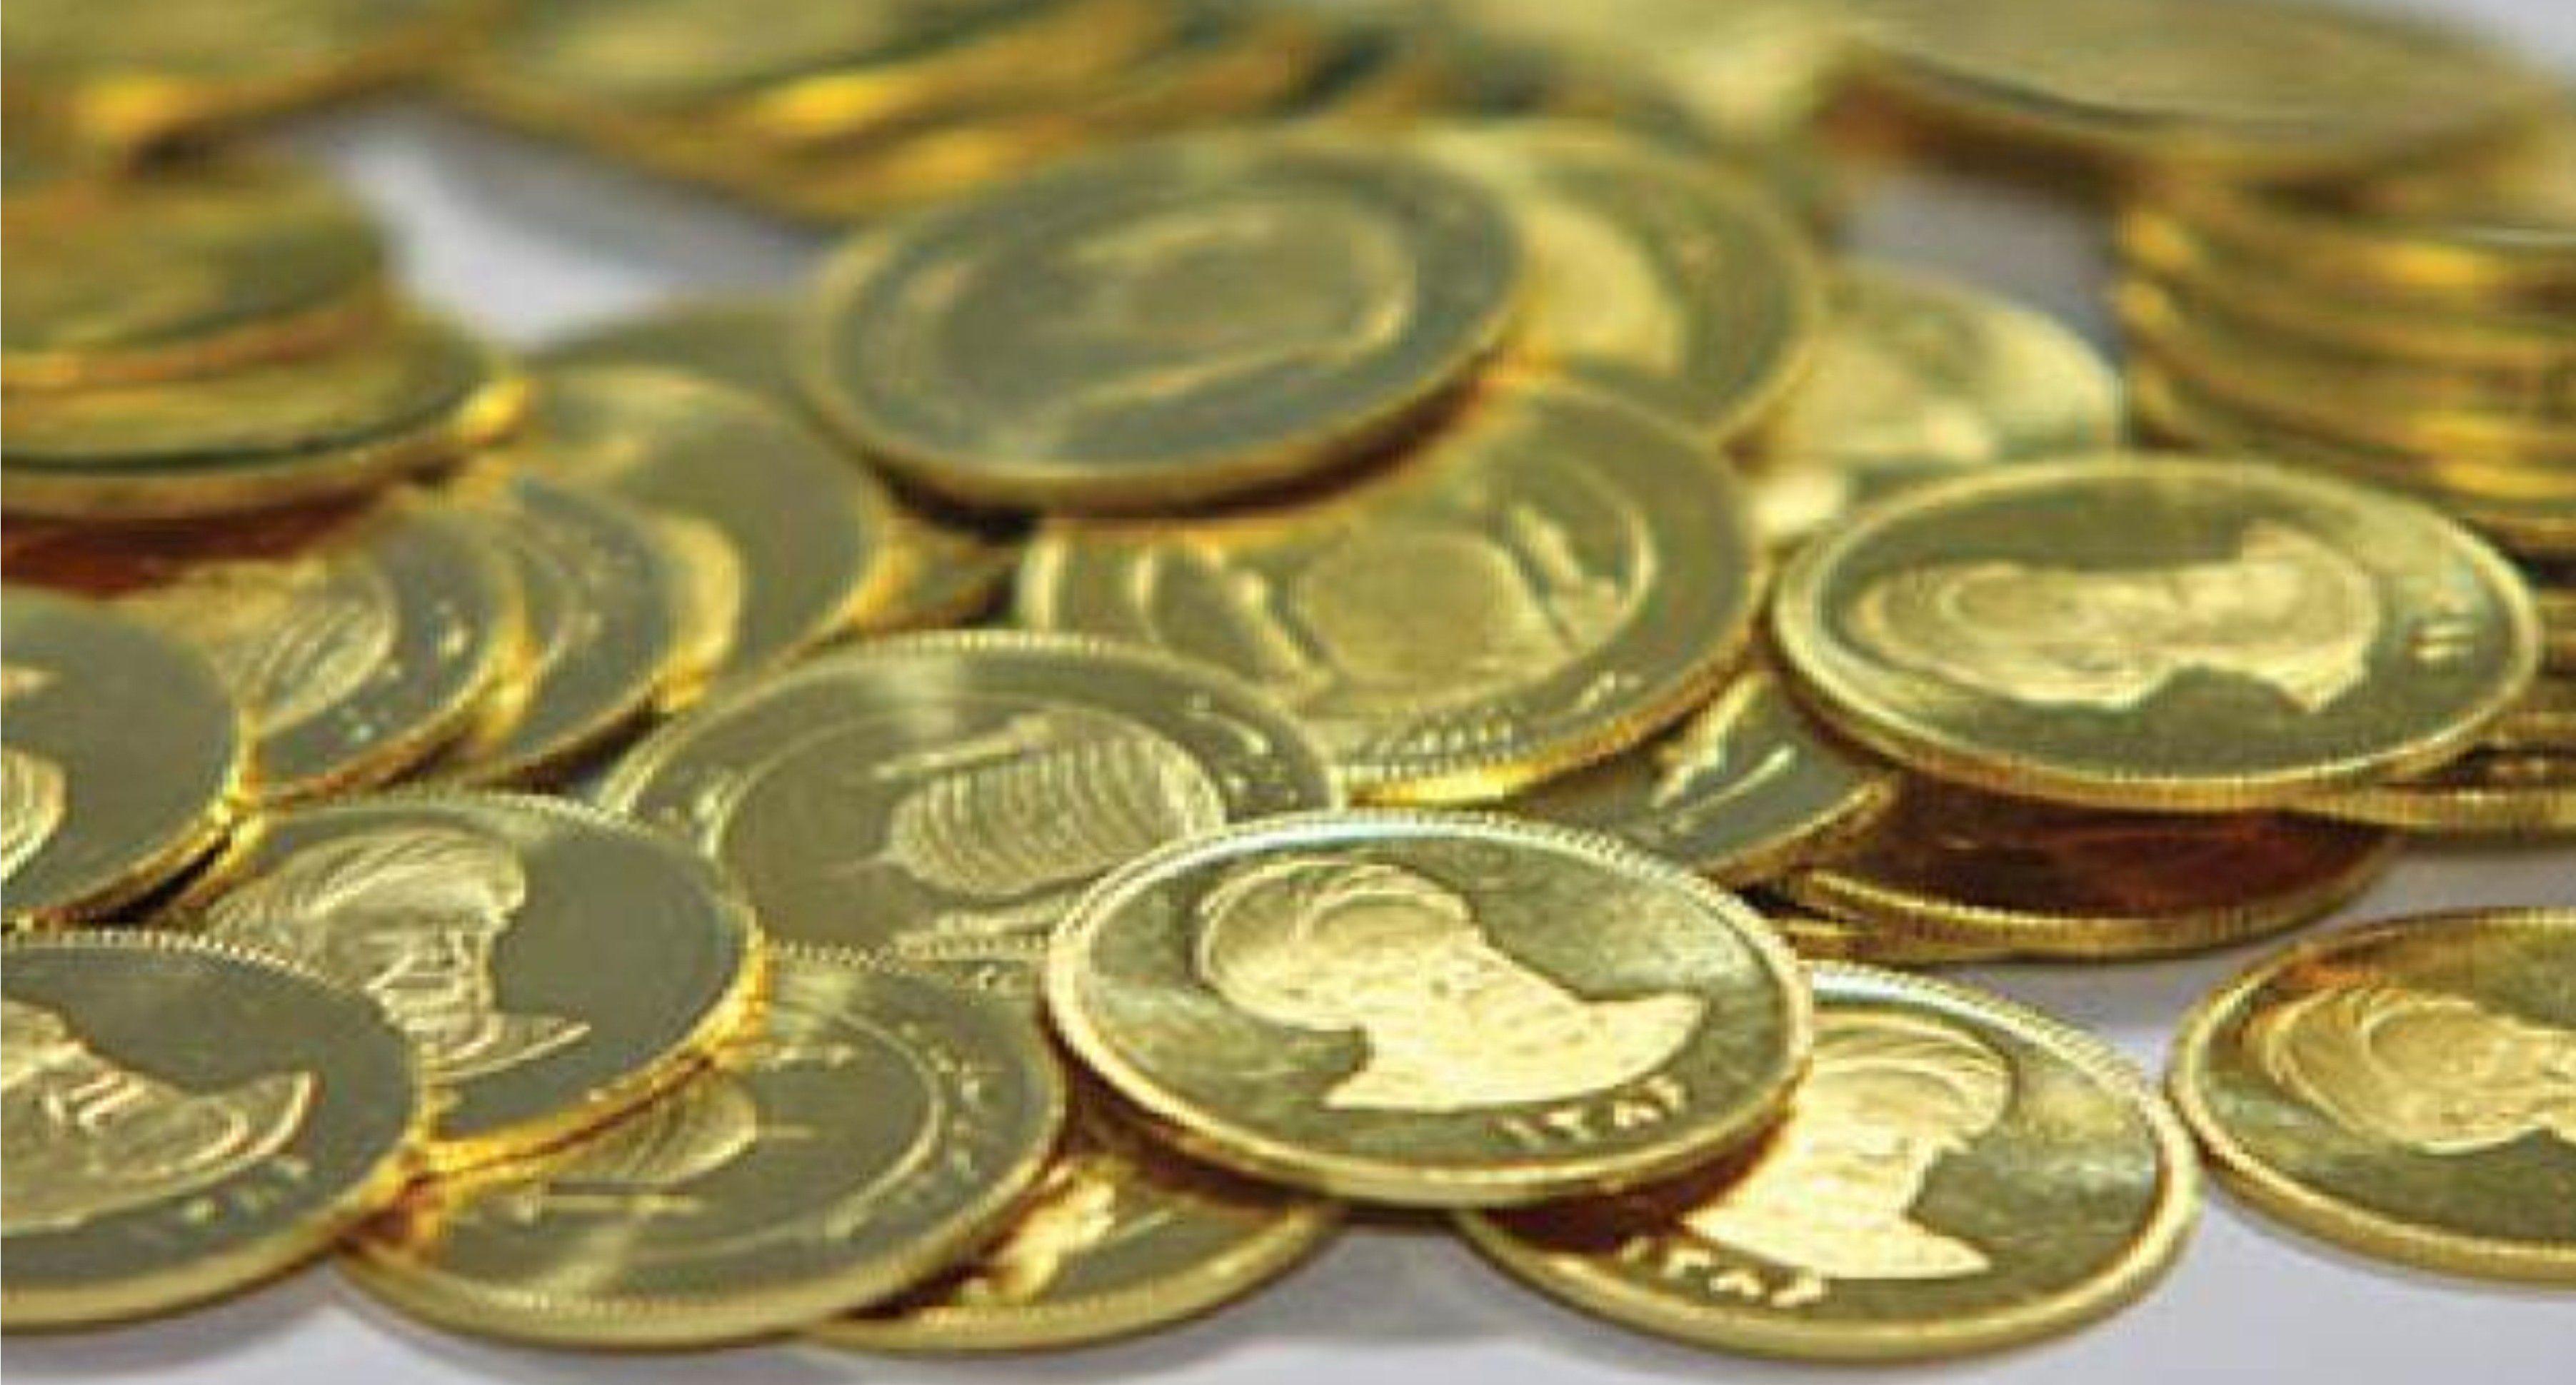 قیمت سکه ۷ شهریور ۱۴۰۰ به ۱۲ میلیون و ۴۰ هزار تومان رسید